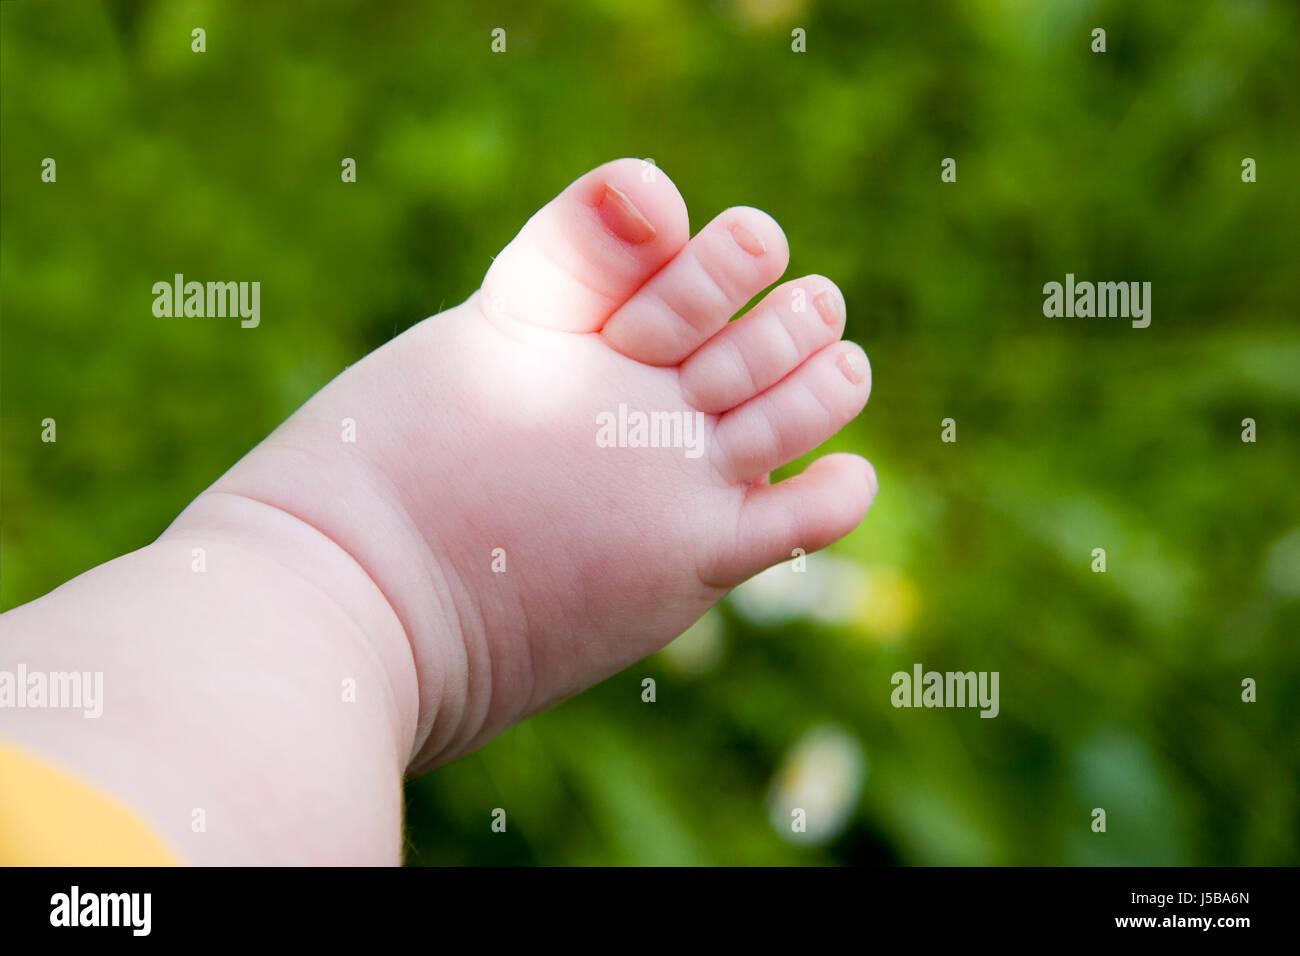 babyspeck stockfotos babyspeck bilder alamy. Black Bedroom Furniture Sets. Home Design Ideas